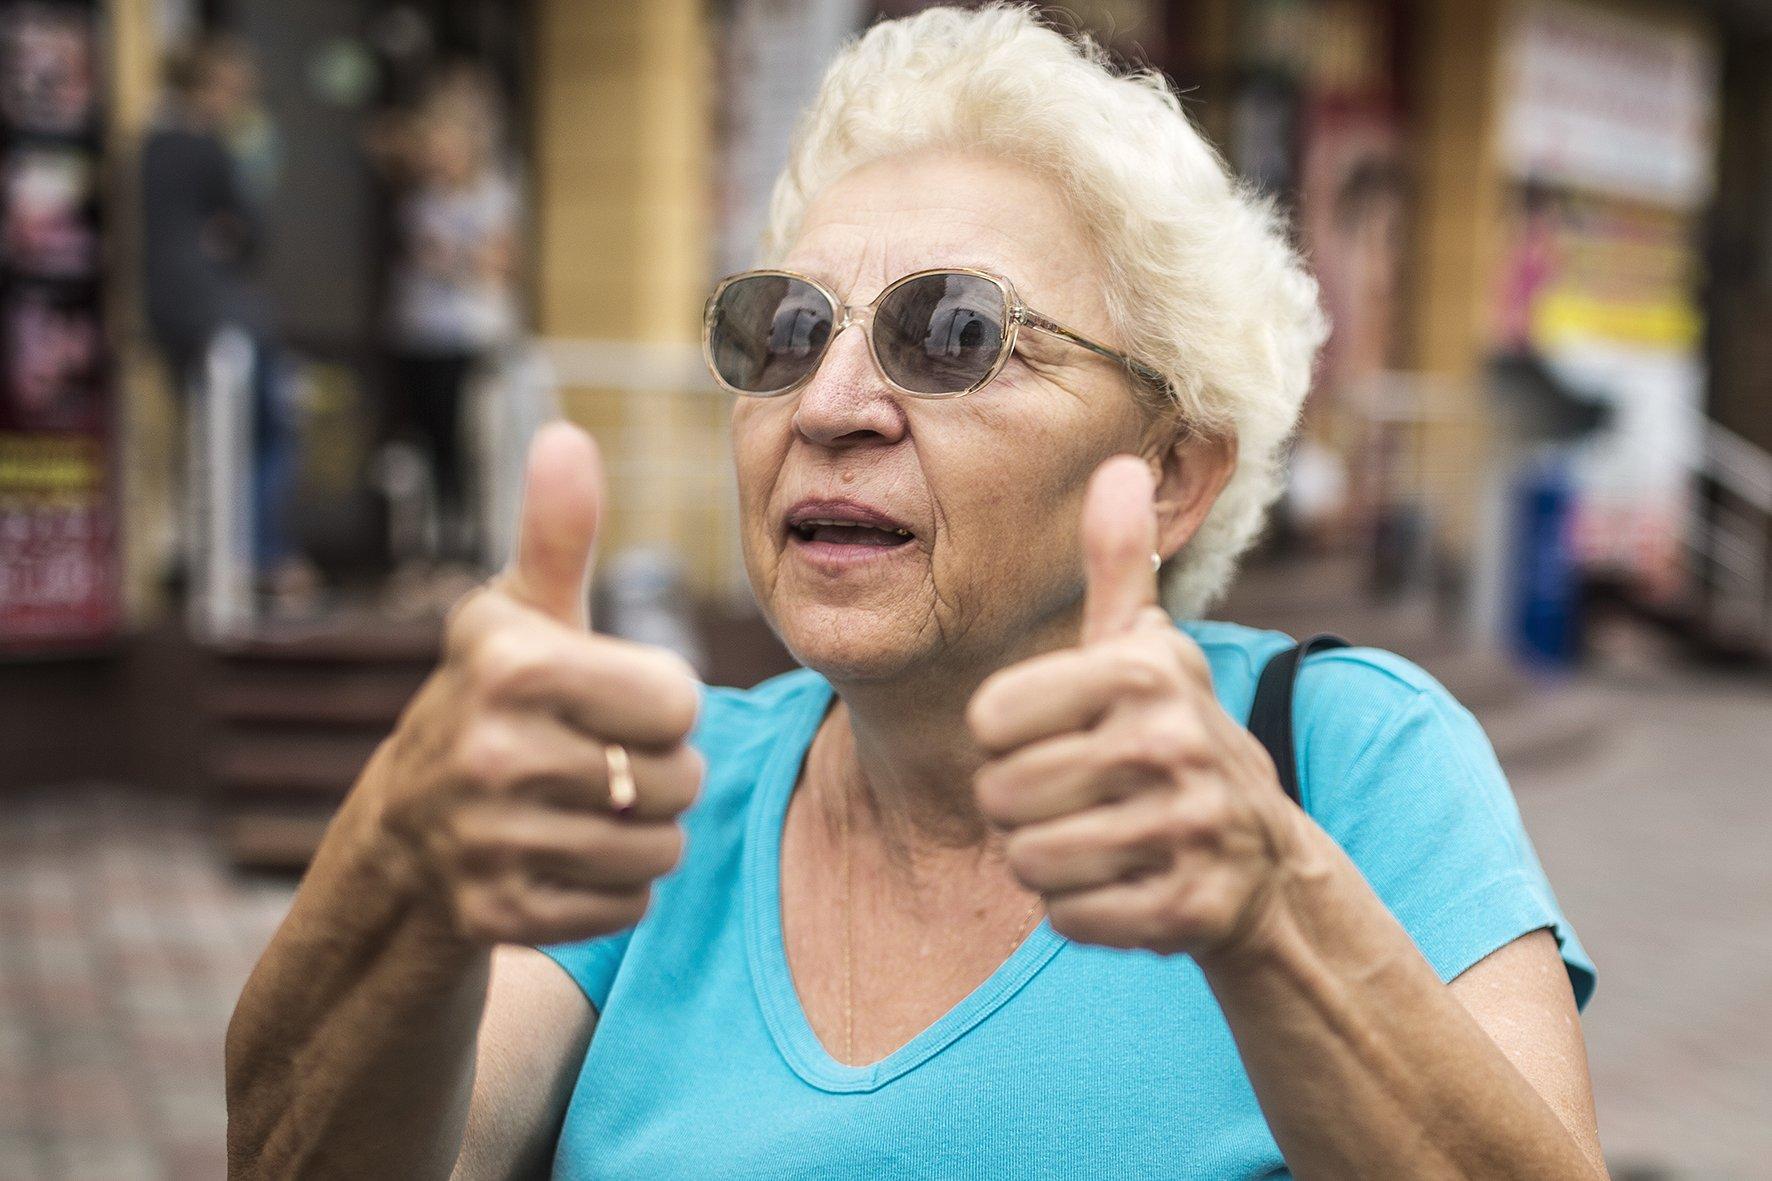 Скидки для пенсионеров РБ - 10% : период – на протяжении года